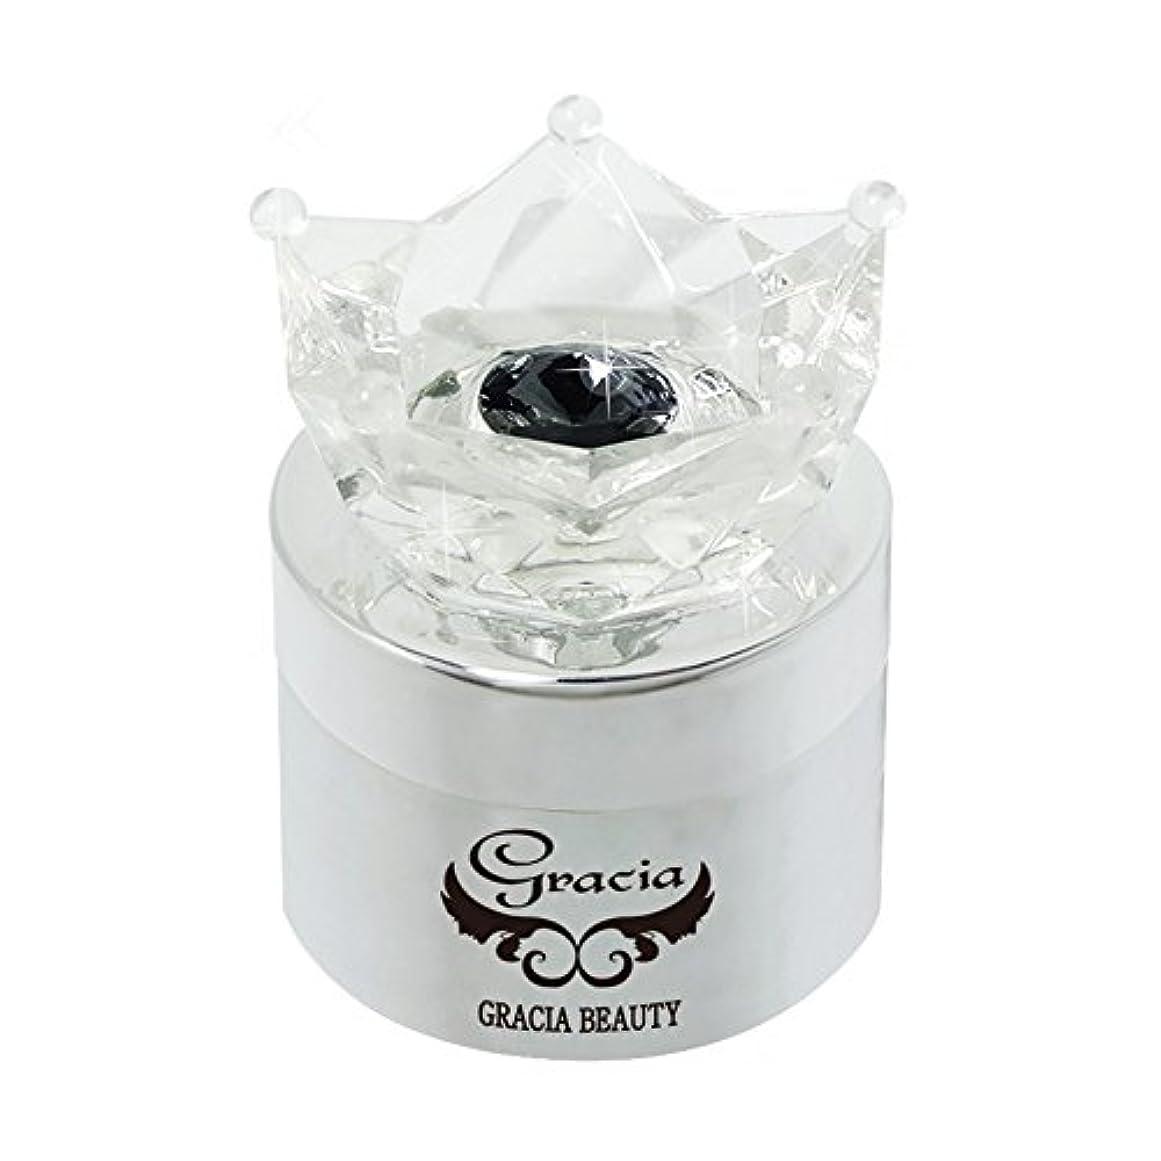 グラシア ジェルネイル コフレットジェル GJ-107M 5g ピンクパープル マット UV/LED対応 カラージェル ソークオフジェル